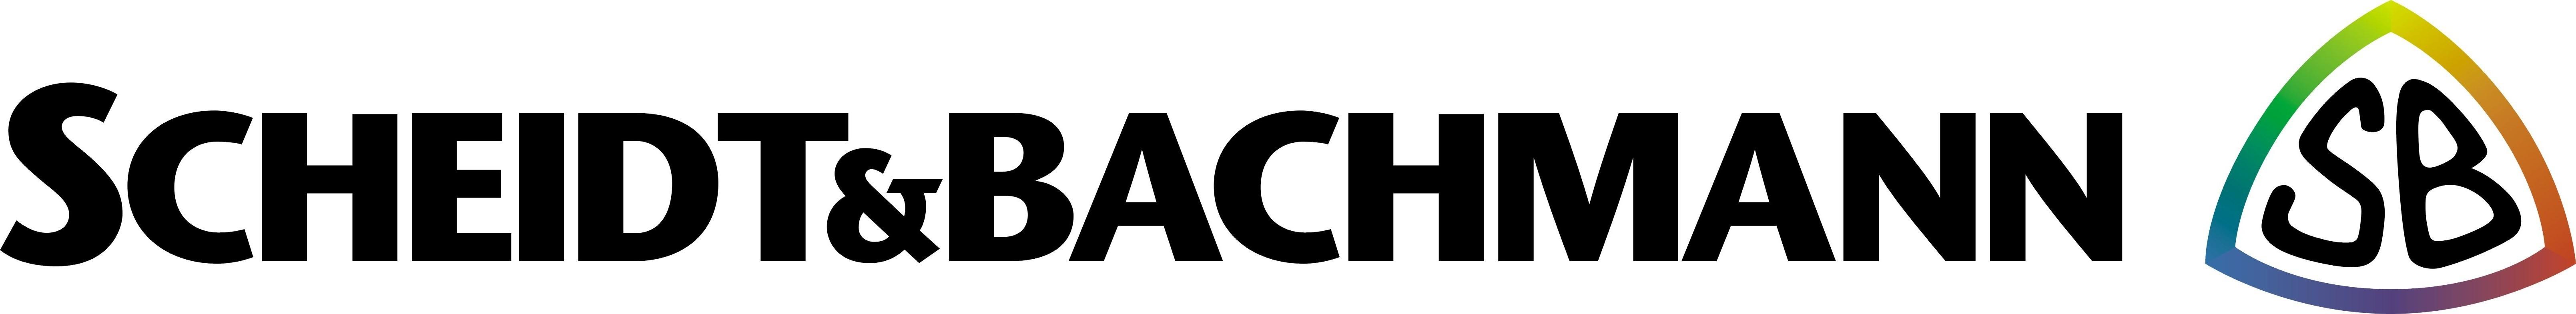 scheidt-bachmann